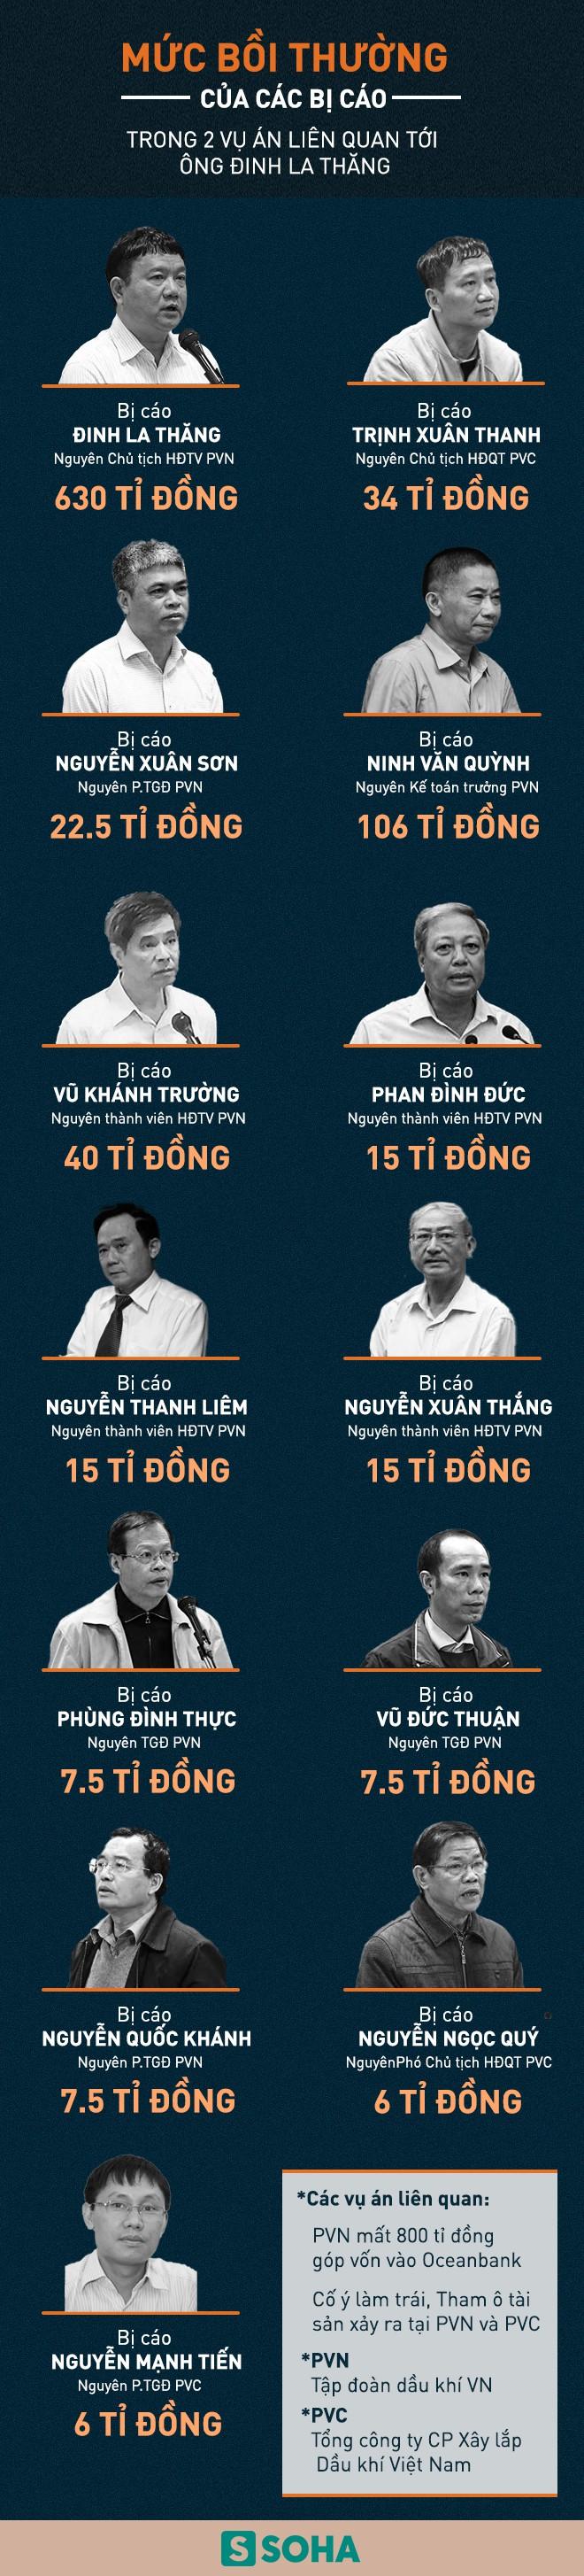 Những điều kiện để ông Đinh La Thăng được xem xét giảm án - Ảnh 3.